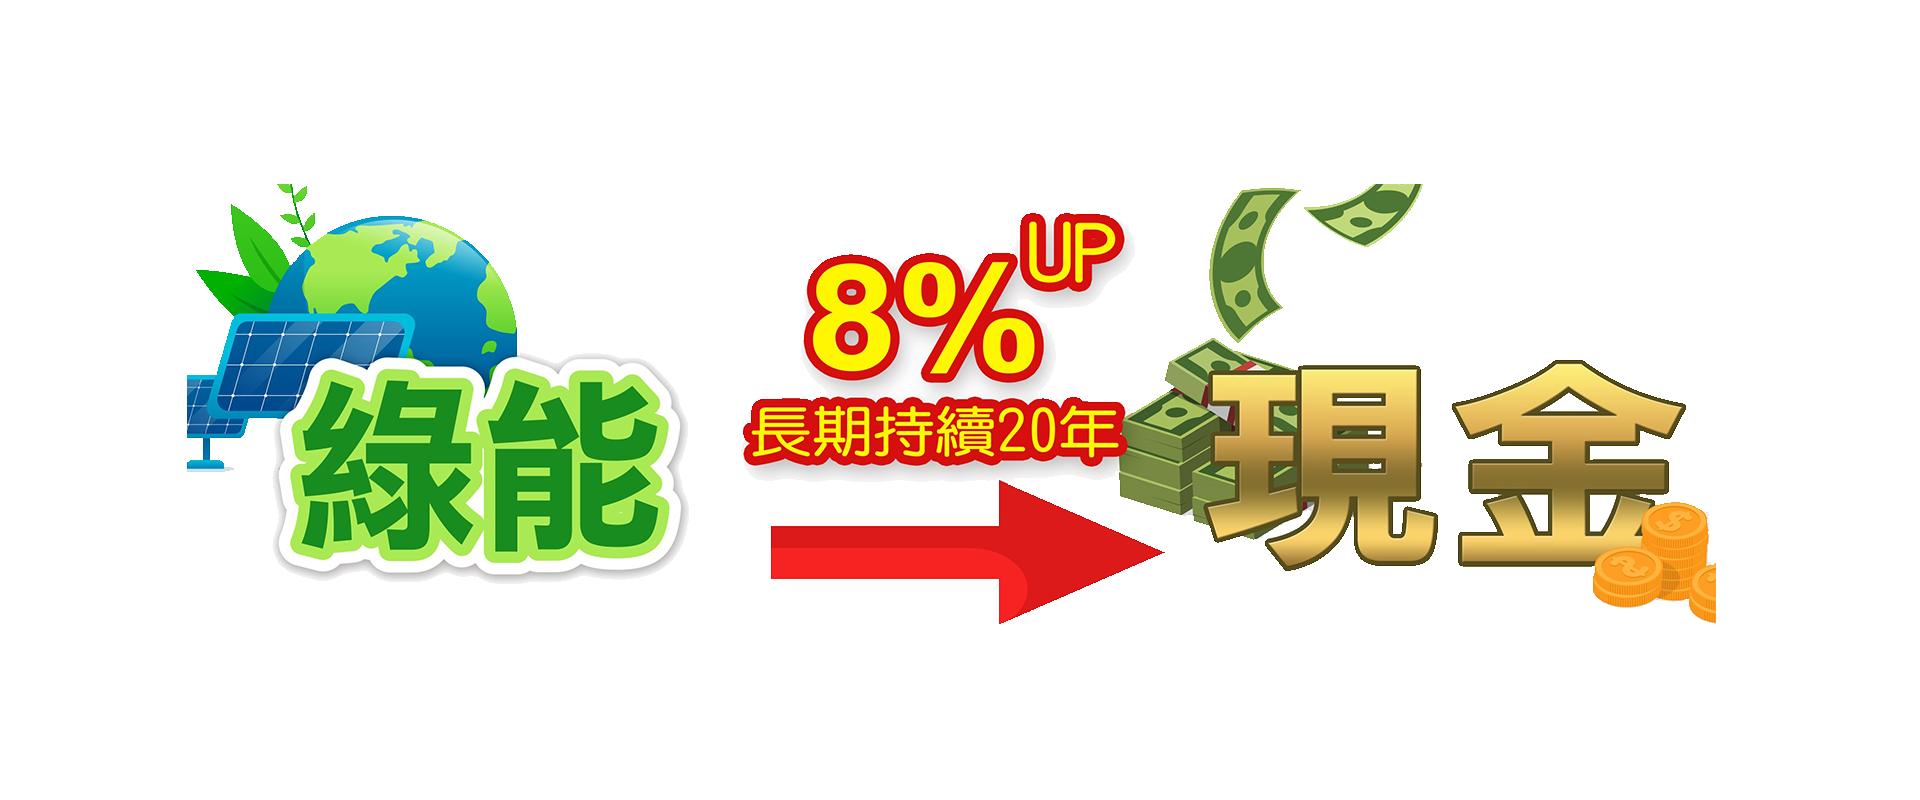 綠能變現金